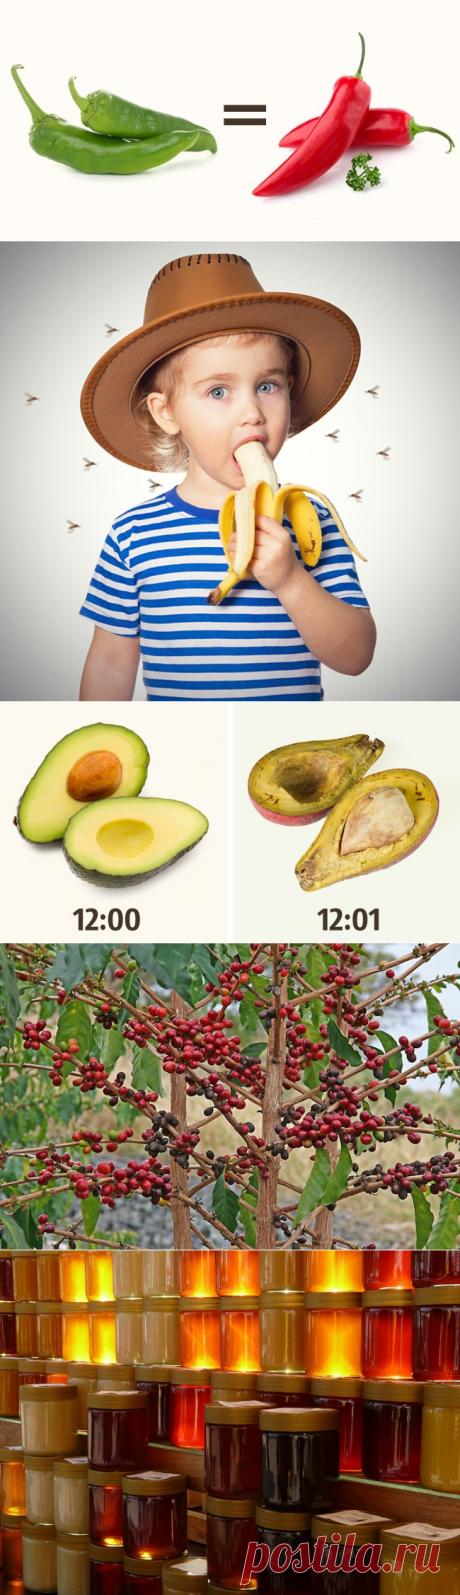 13 тайн и загадок о еде — Наука и жизнь